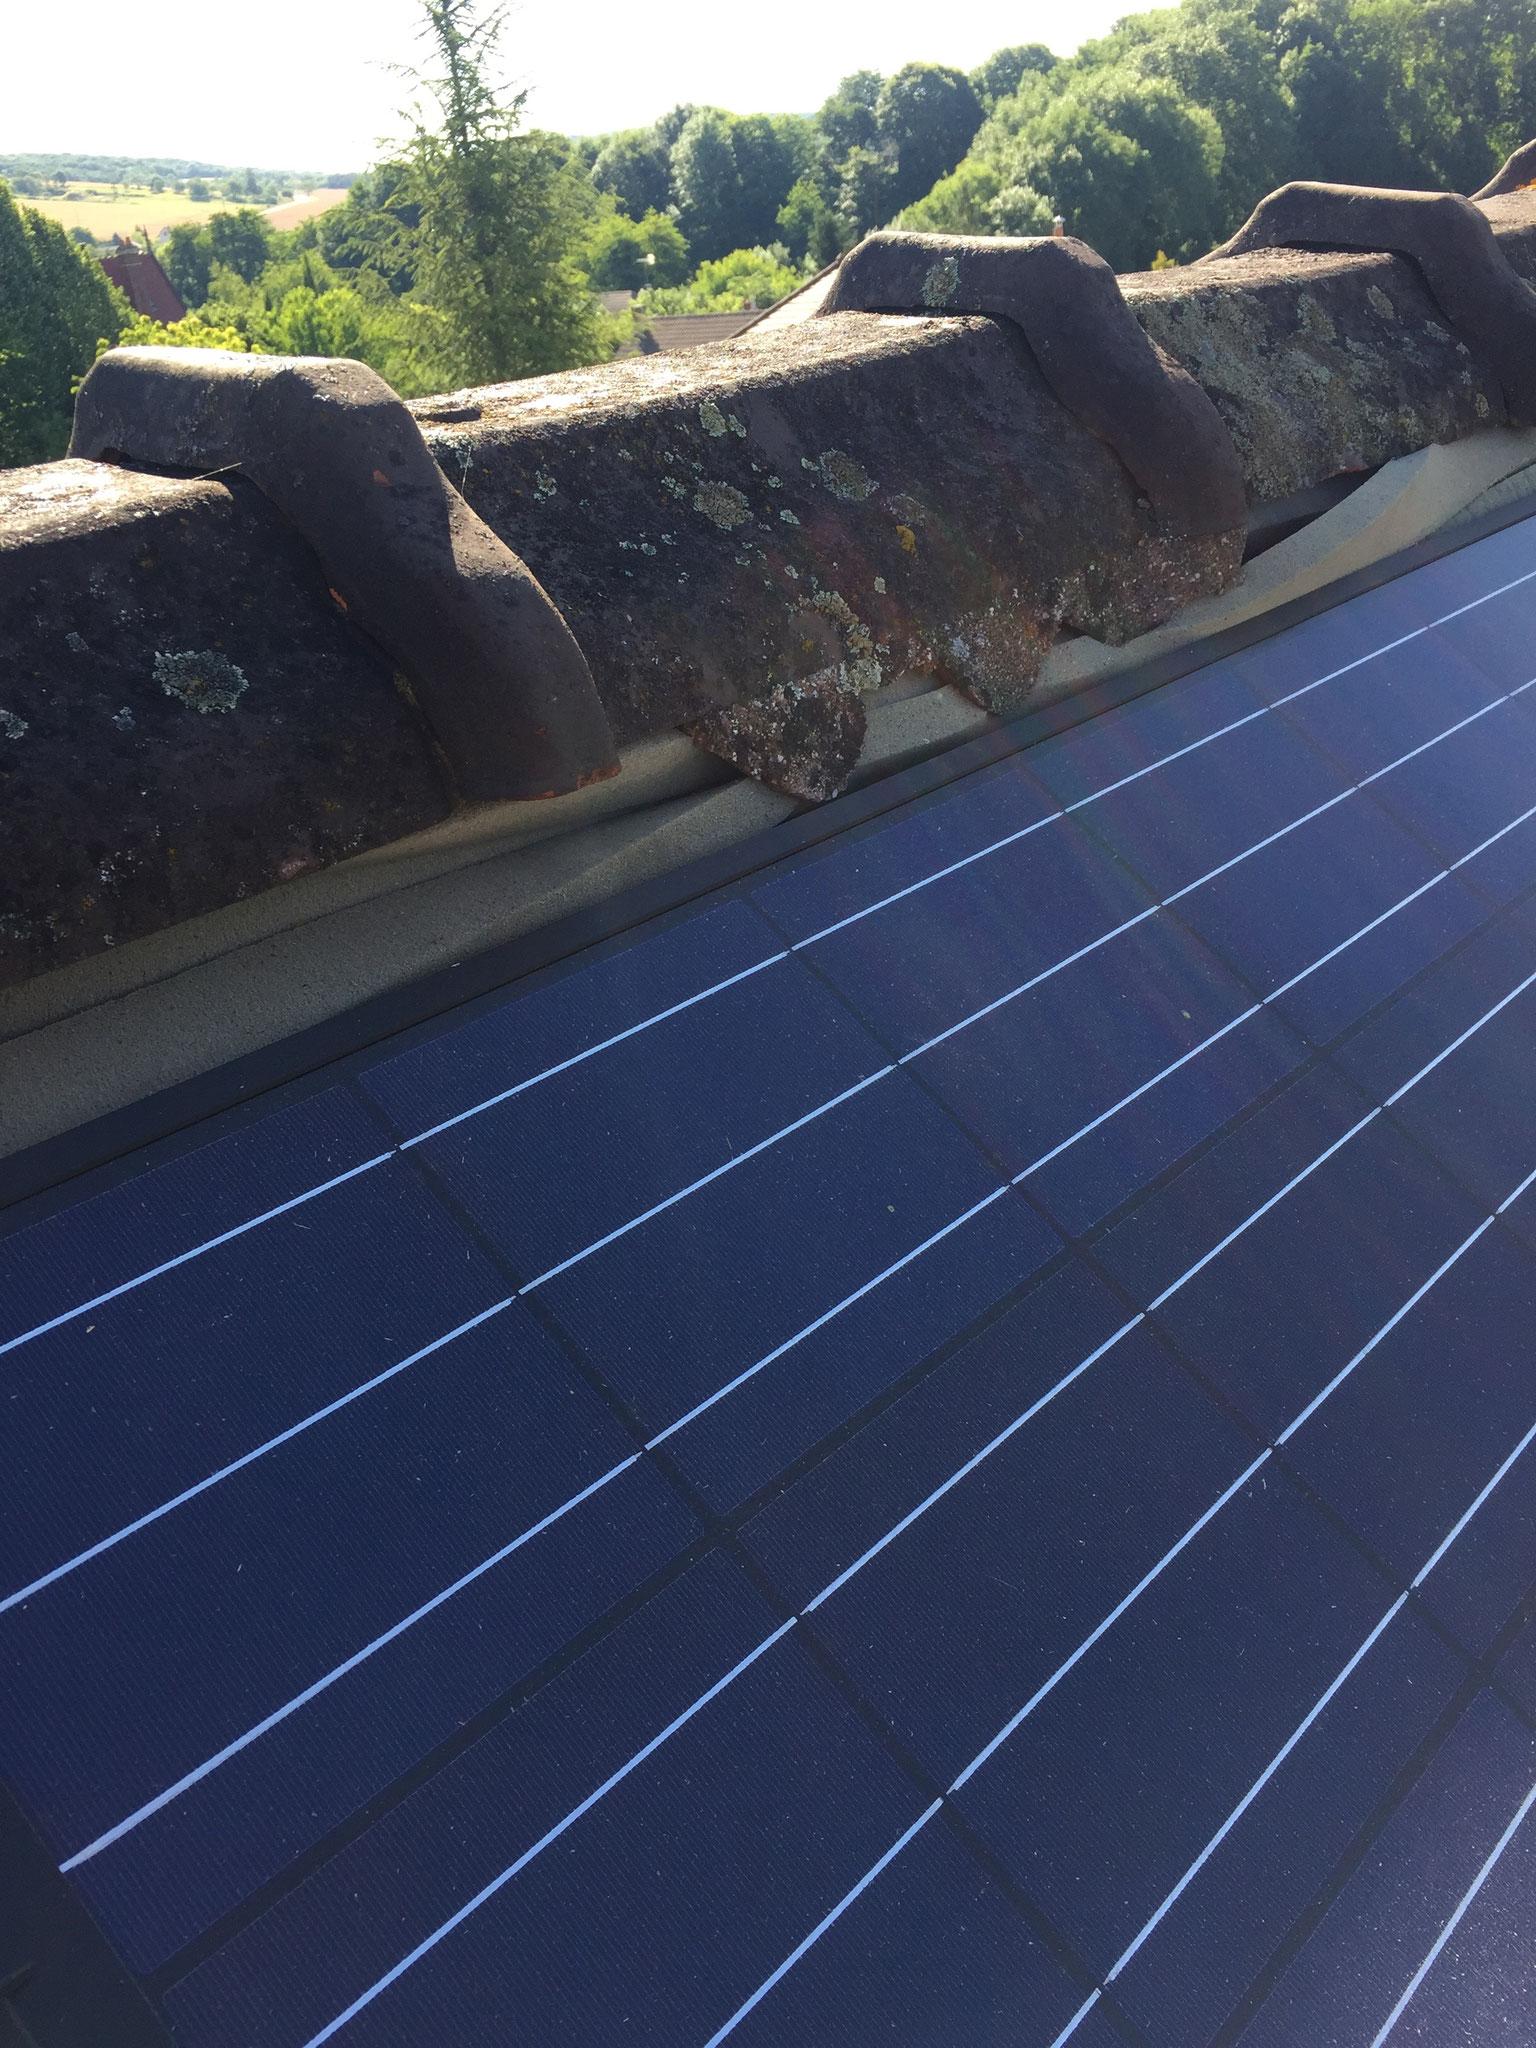 Défaut d'étanchéité des panneaux photovoltaïques, infiltration par le faitage